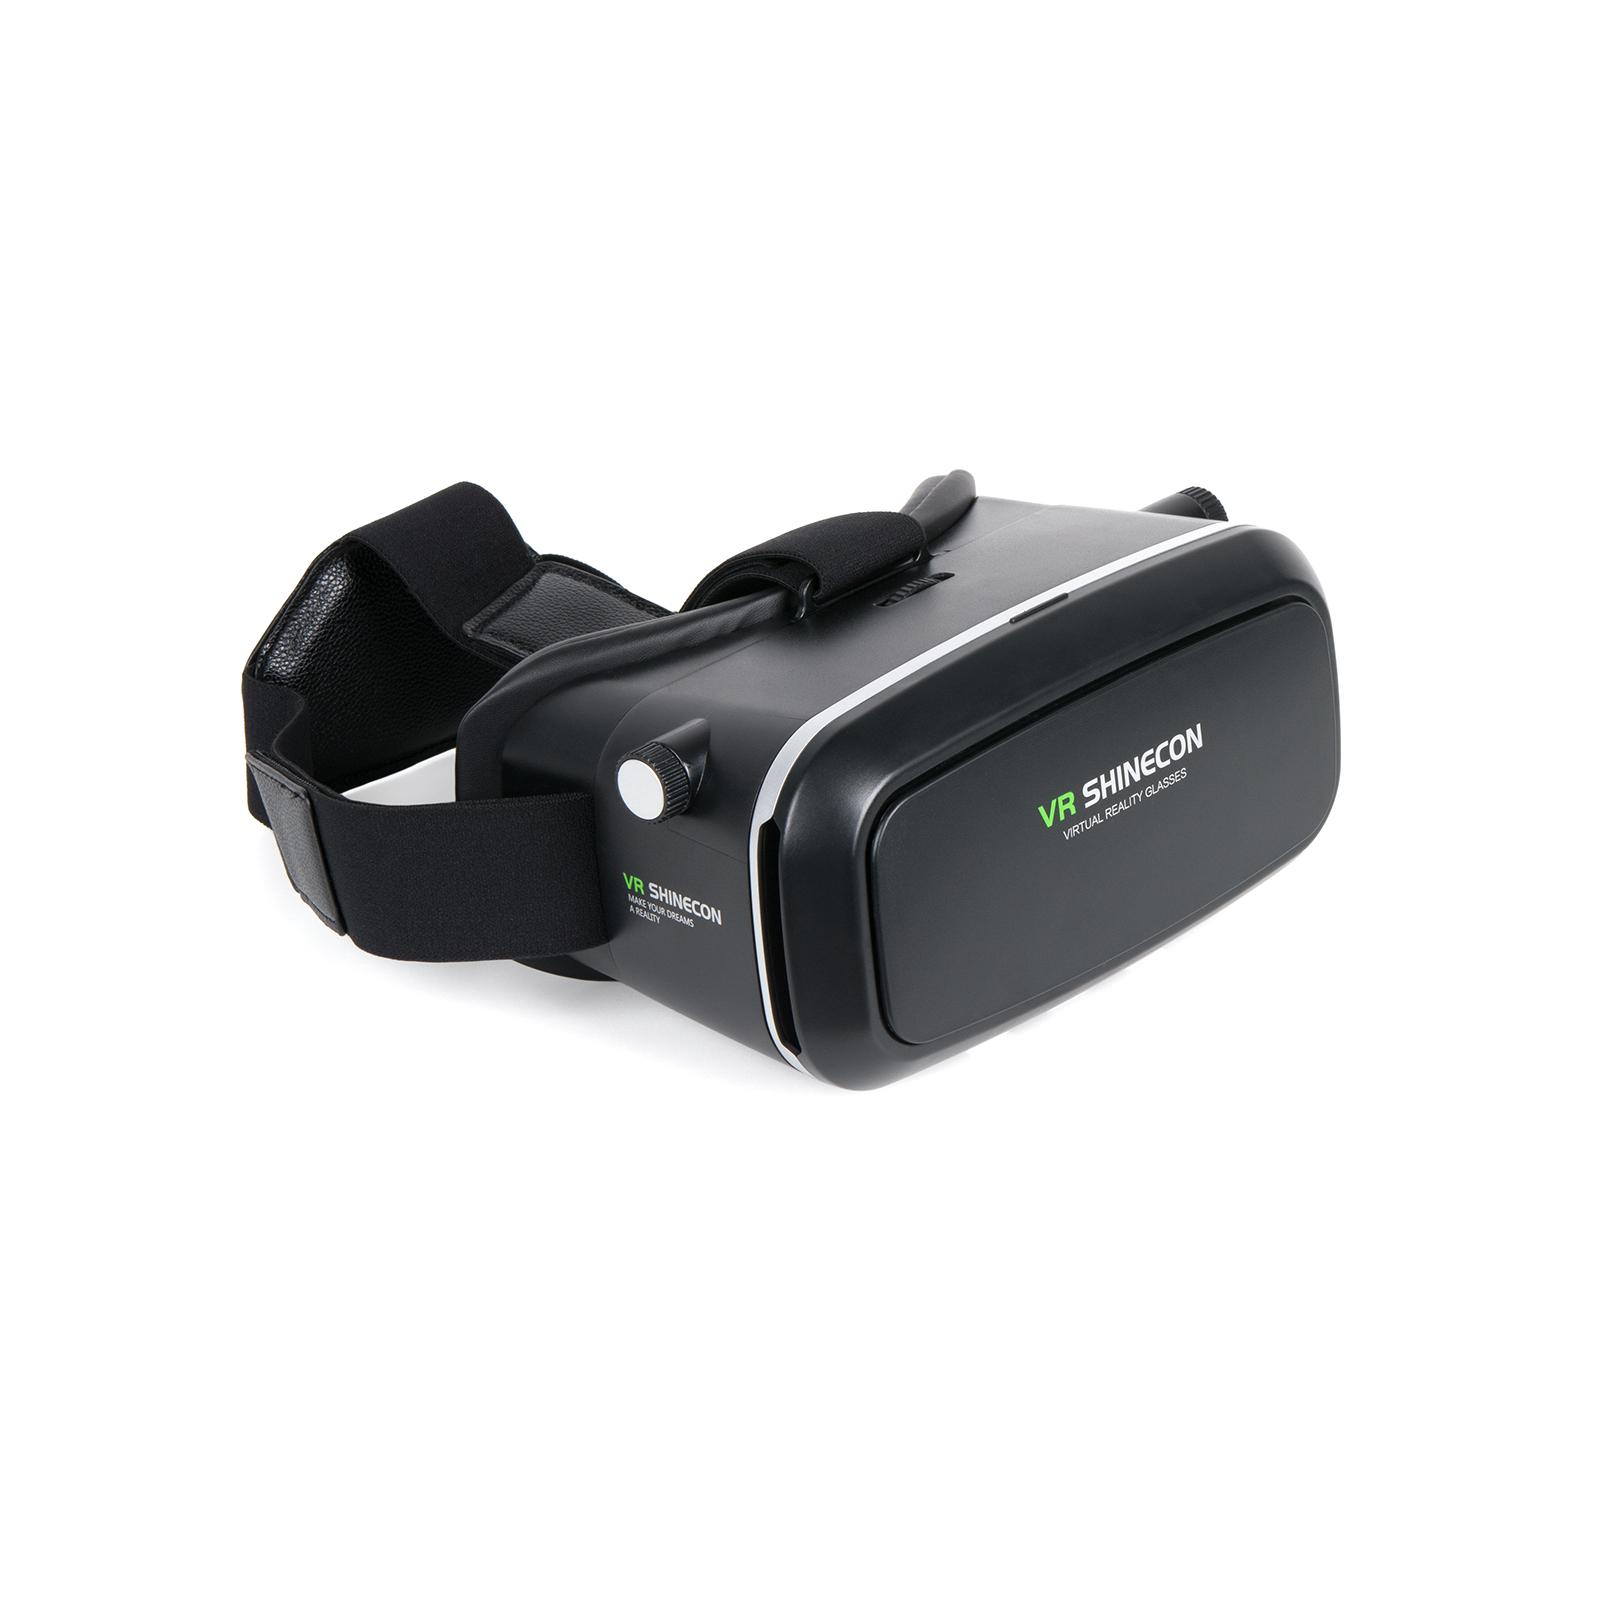 Купить виртуальные очки для квадрокоптера в северодвинск светофильтр нд16 к коптеру спарк